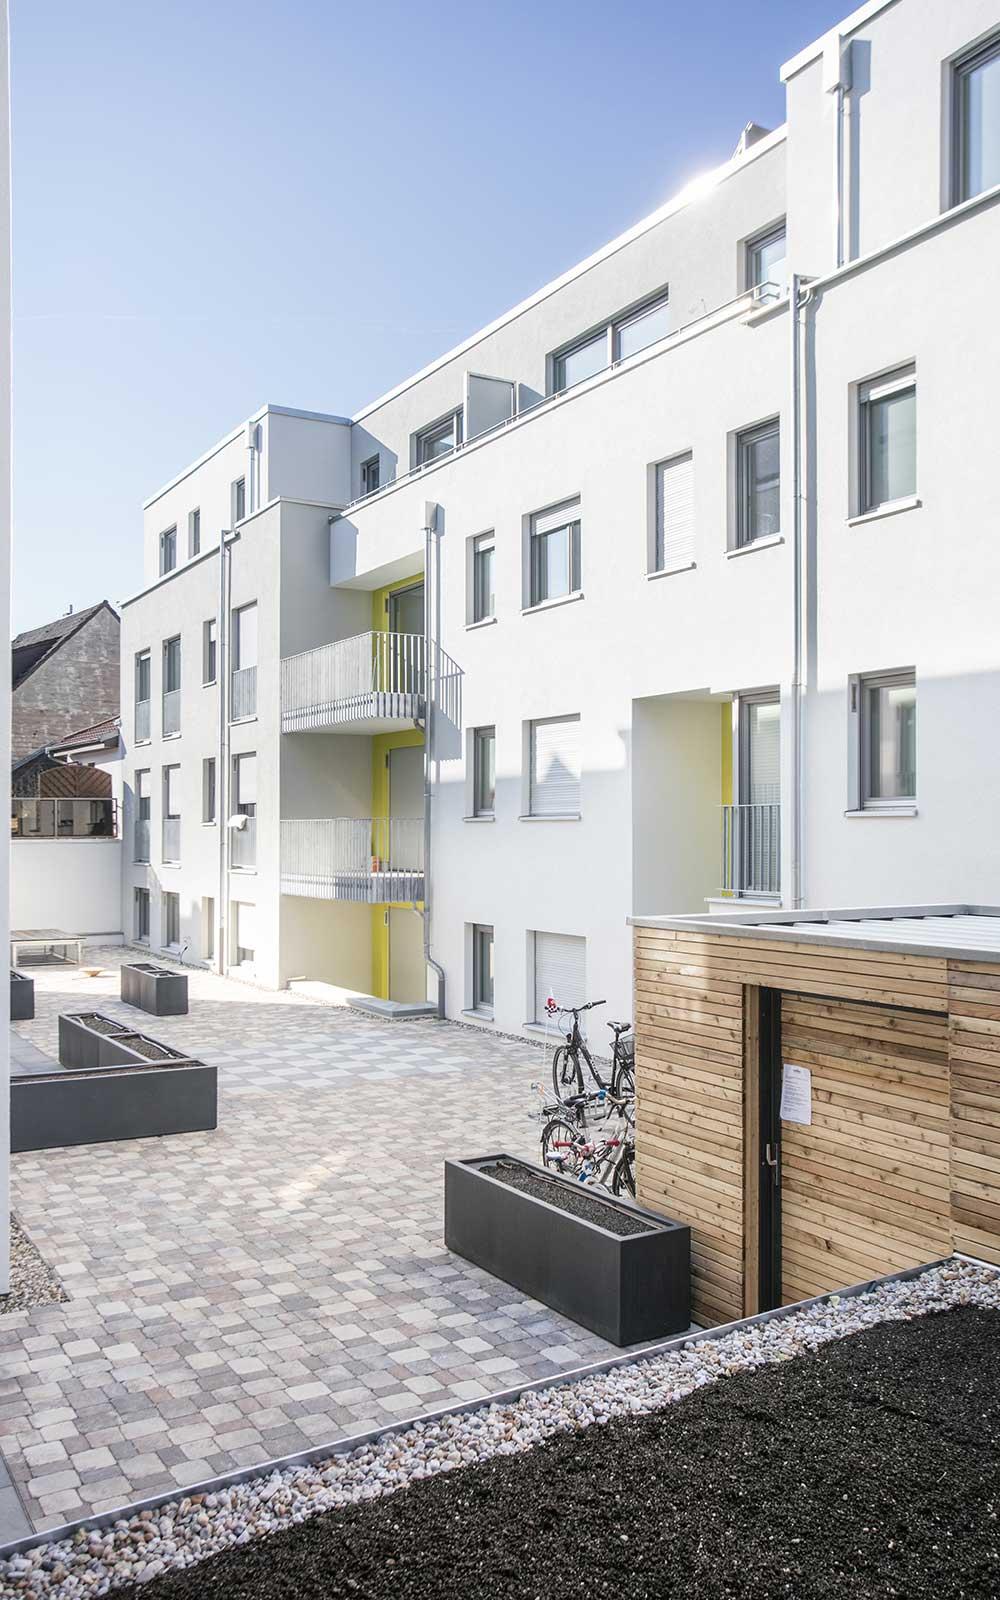 Eigentumswohnungen in Handschuhsheim, Kochhan und Weckbach Architekten